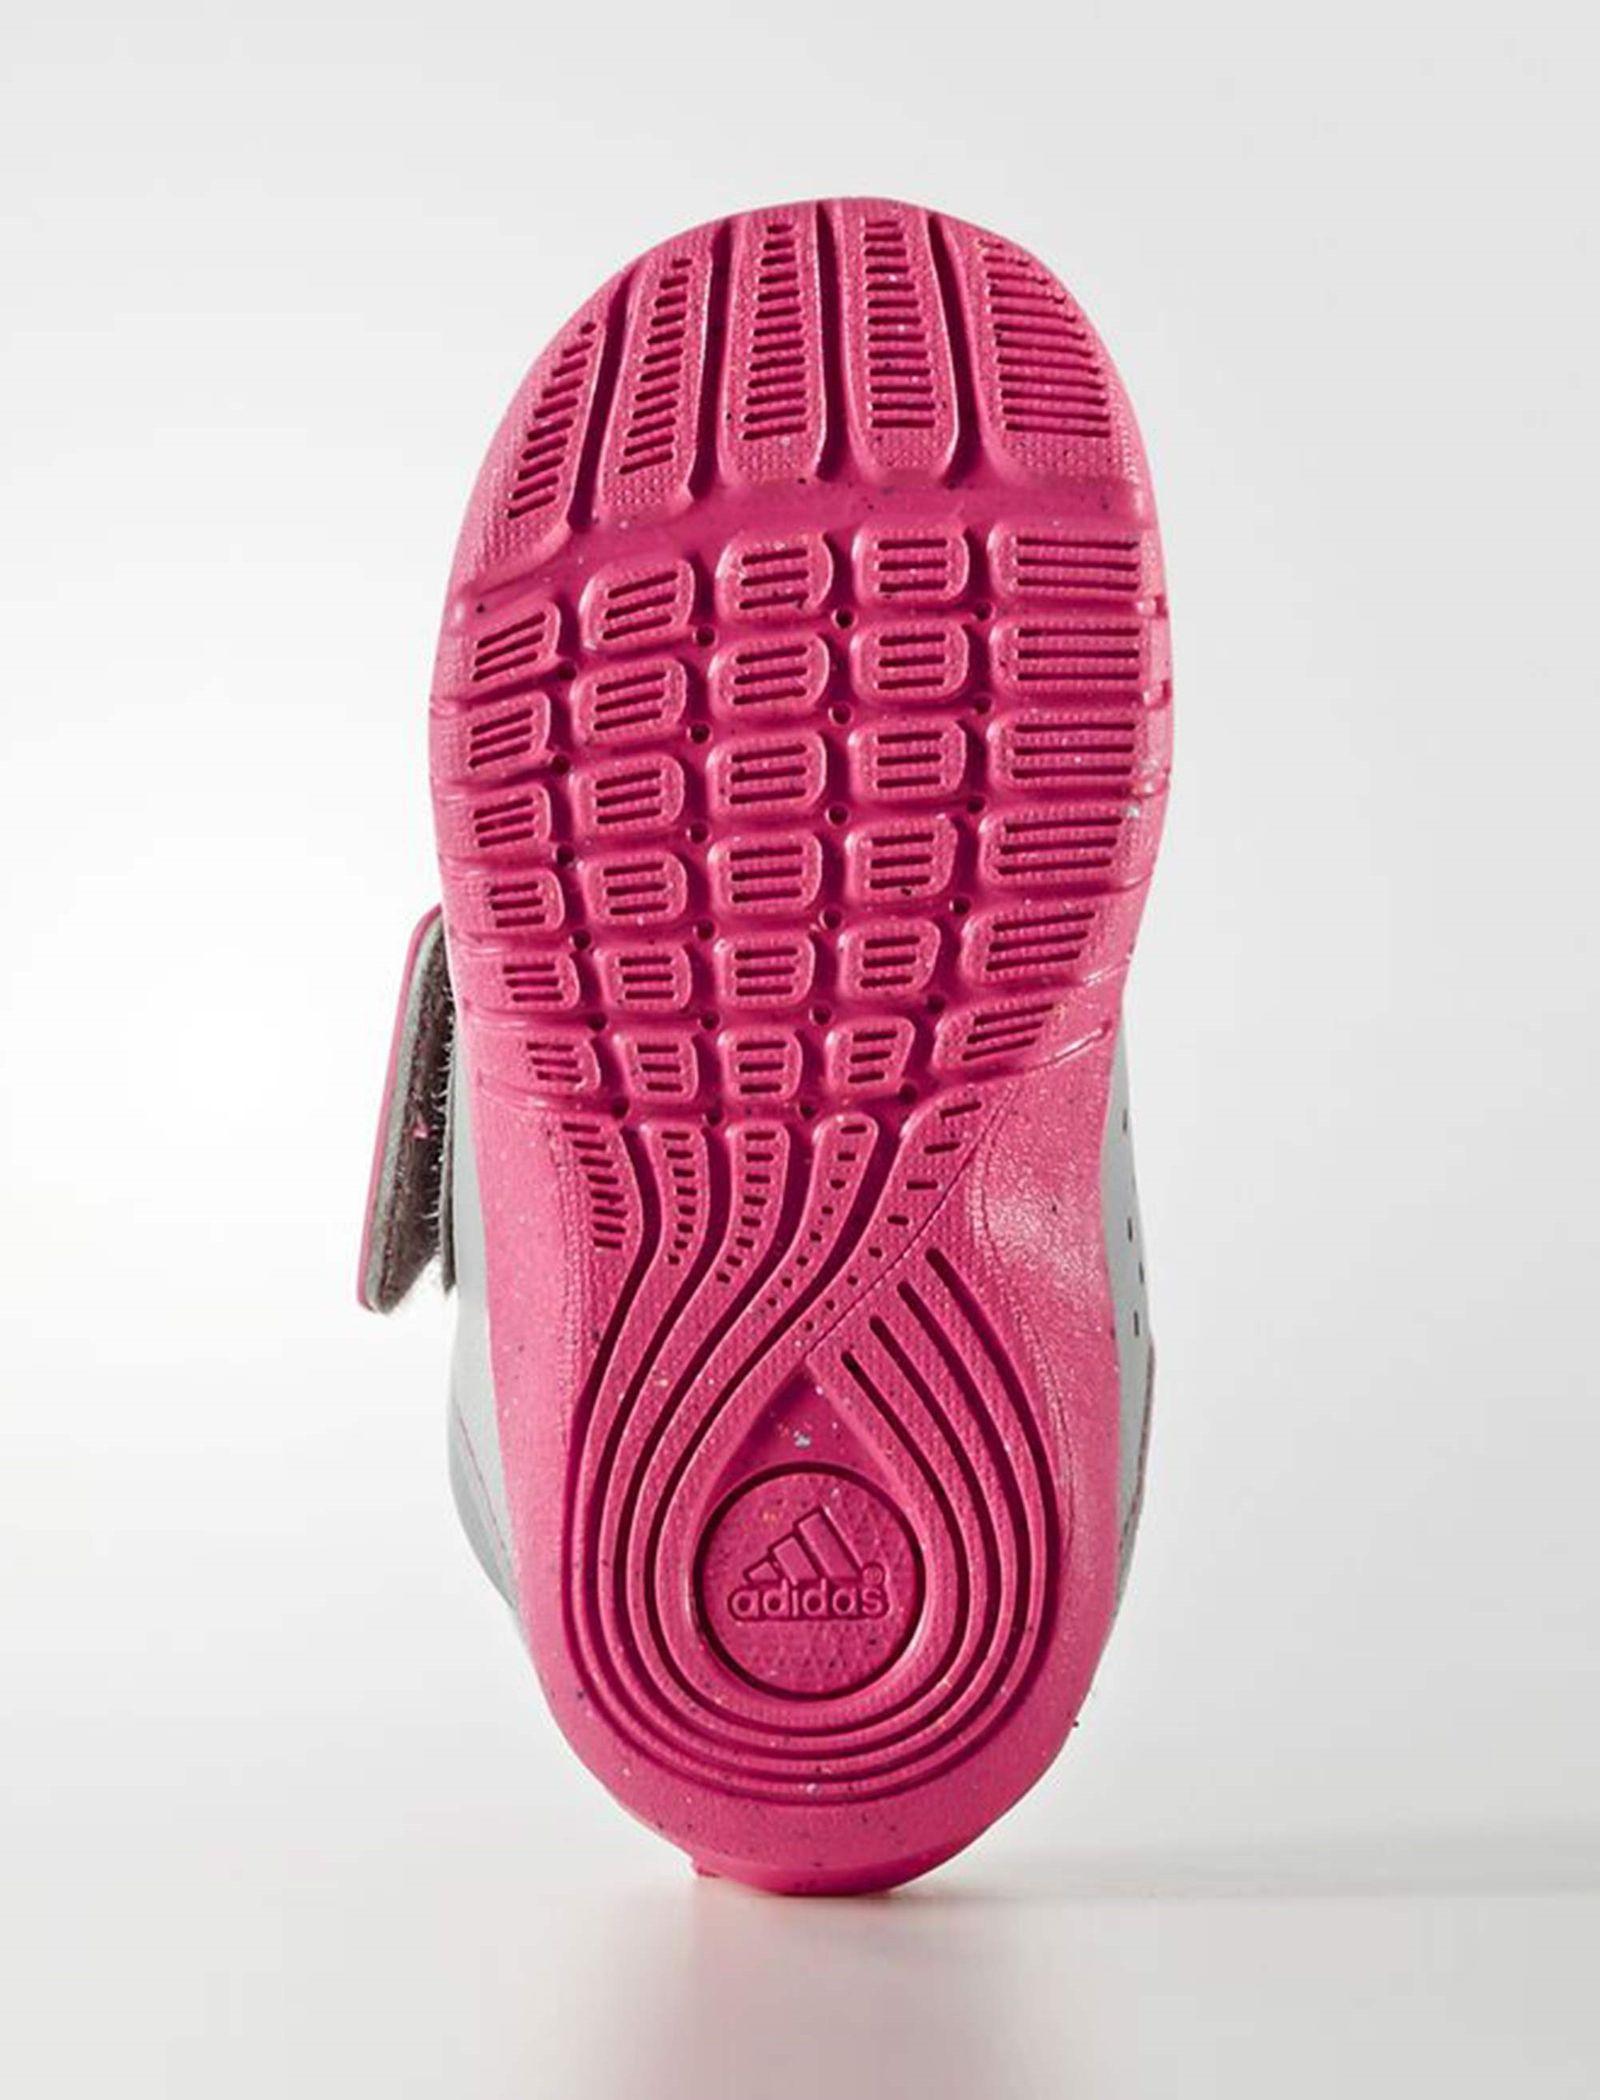 کفش تمرین چسبی دخترانه FortaPlay - آدیداس - صورتي - 2